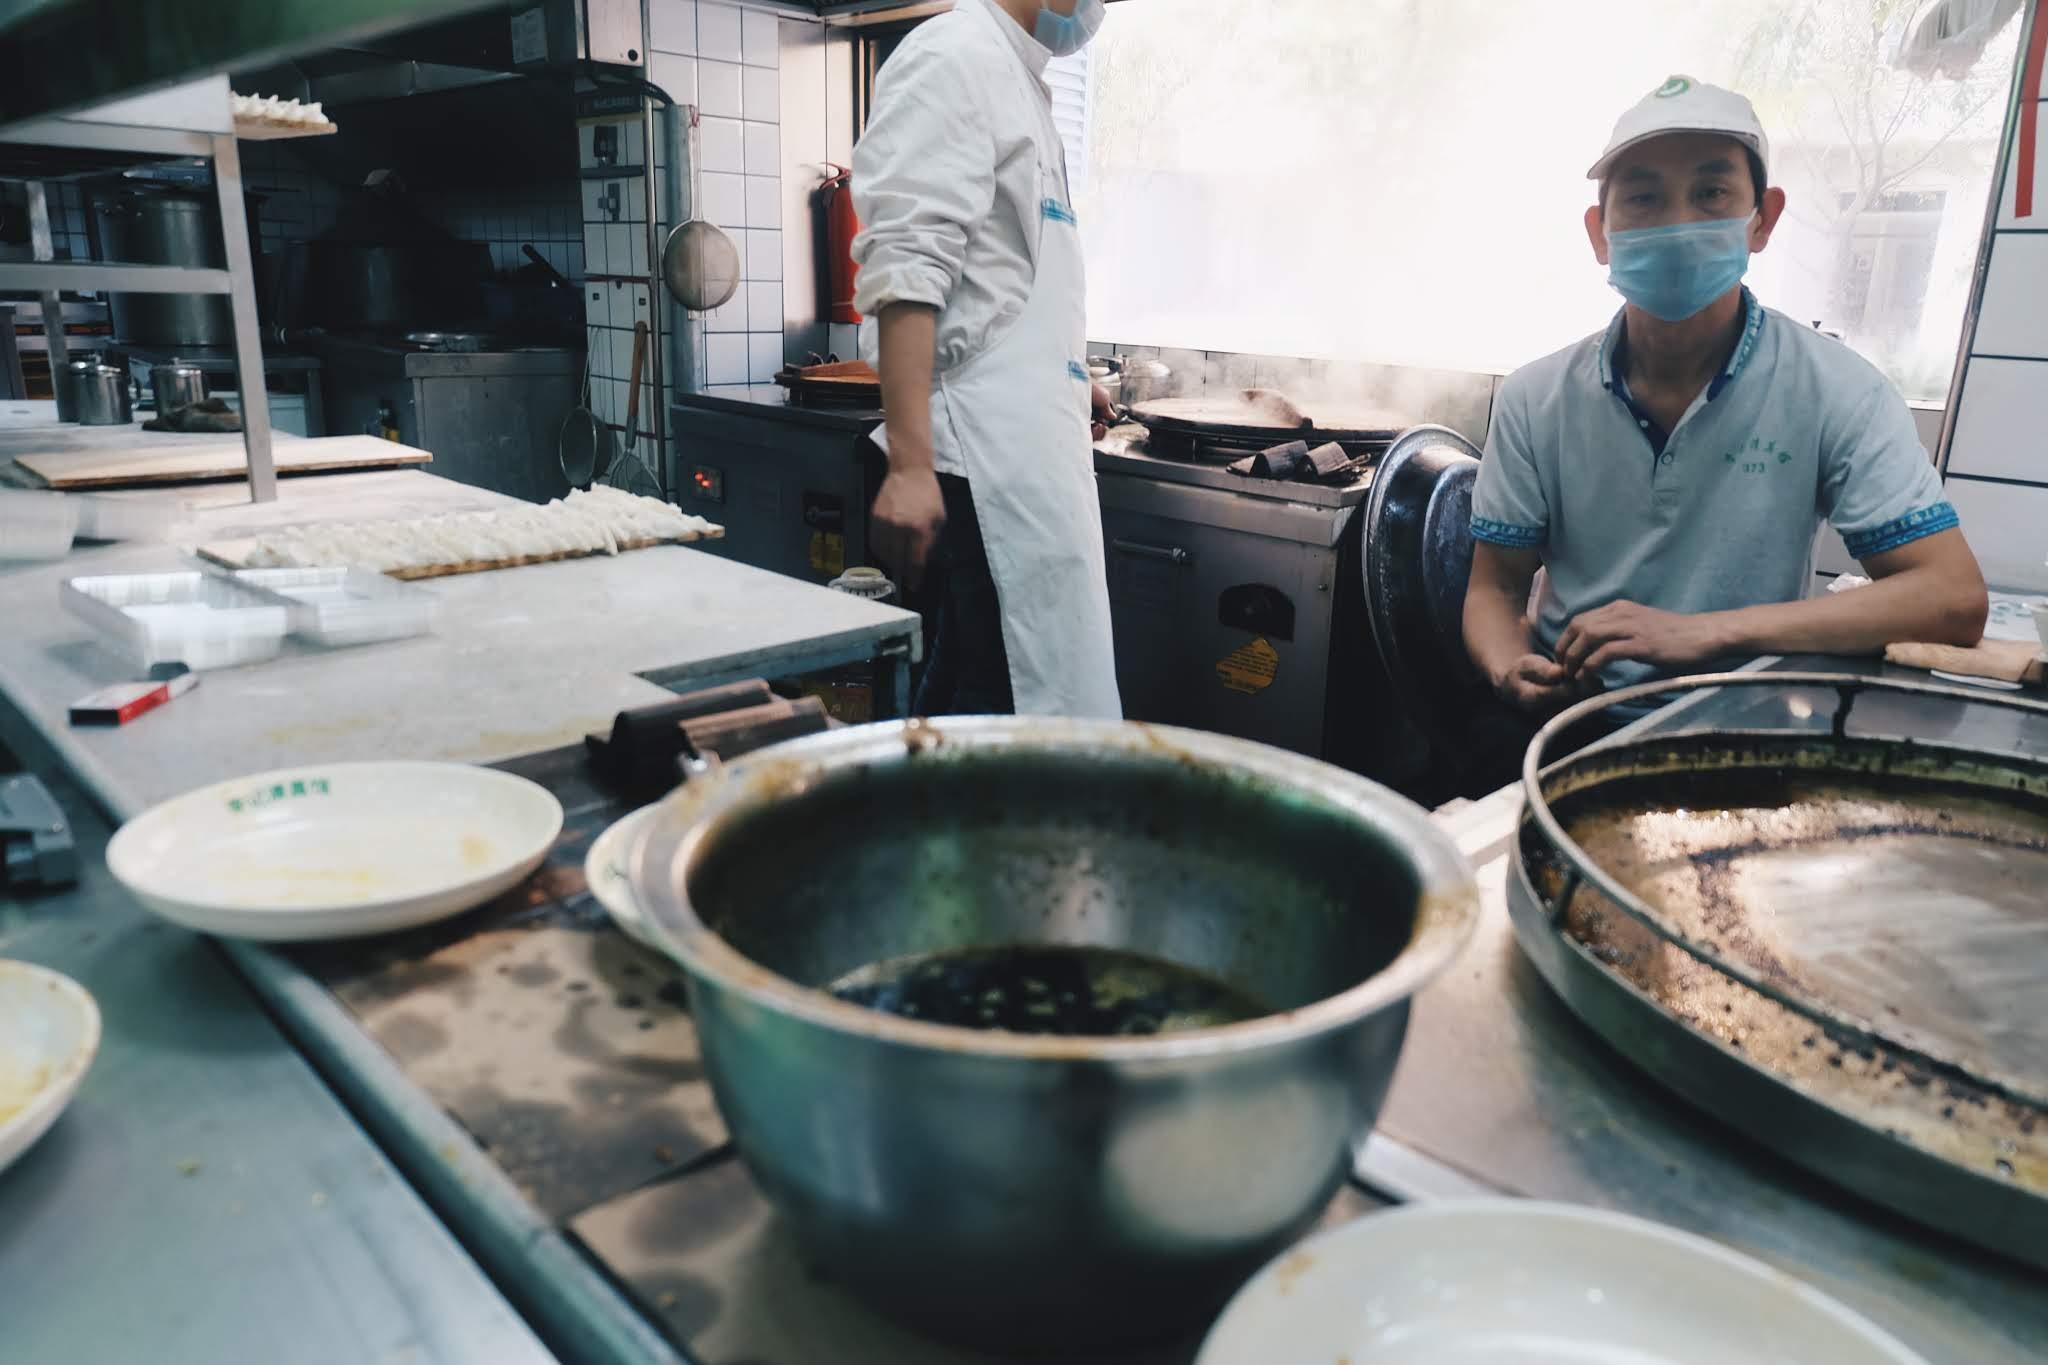 Mencicipi Guotie Resto Halal di Nanjing - Liji Islamic Restaurant 李记清真馆 Rsjournal